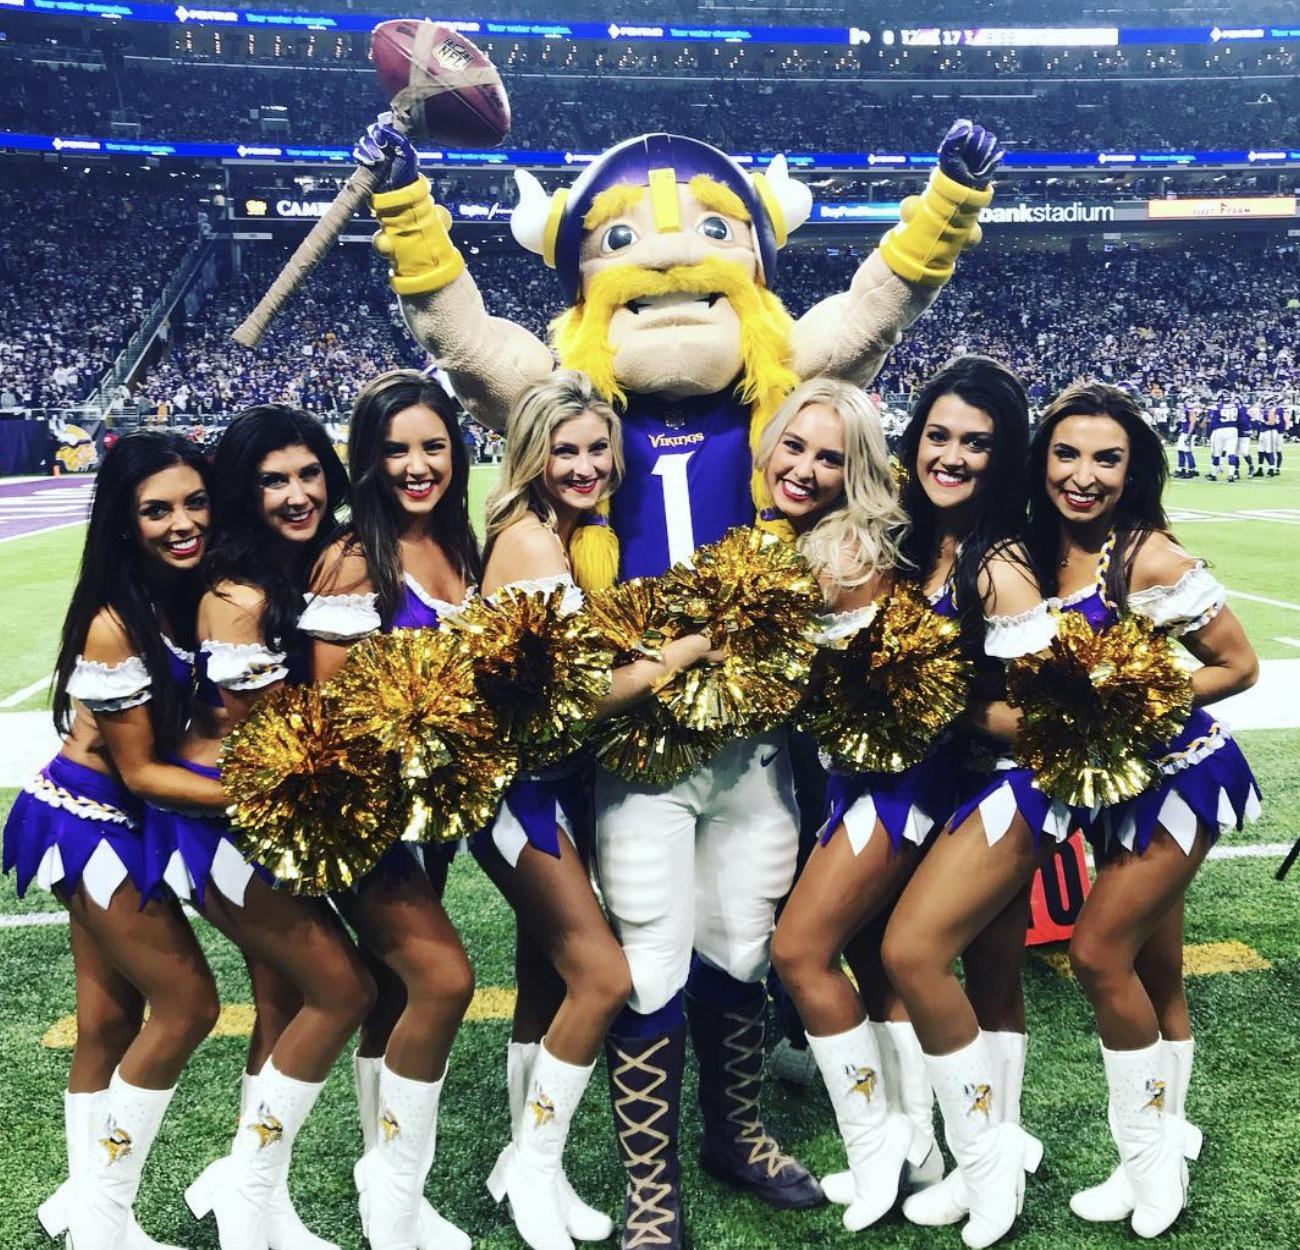 Cheerleaders Mn pantyhose vikings wearing